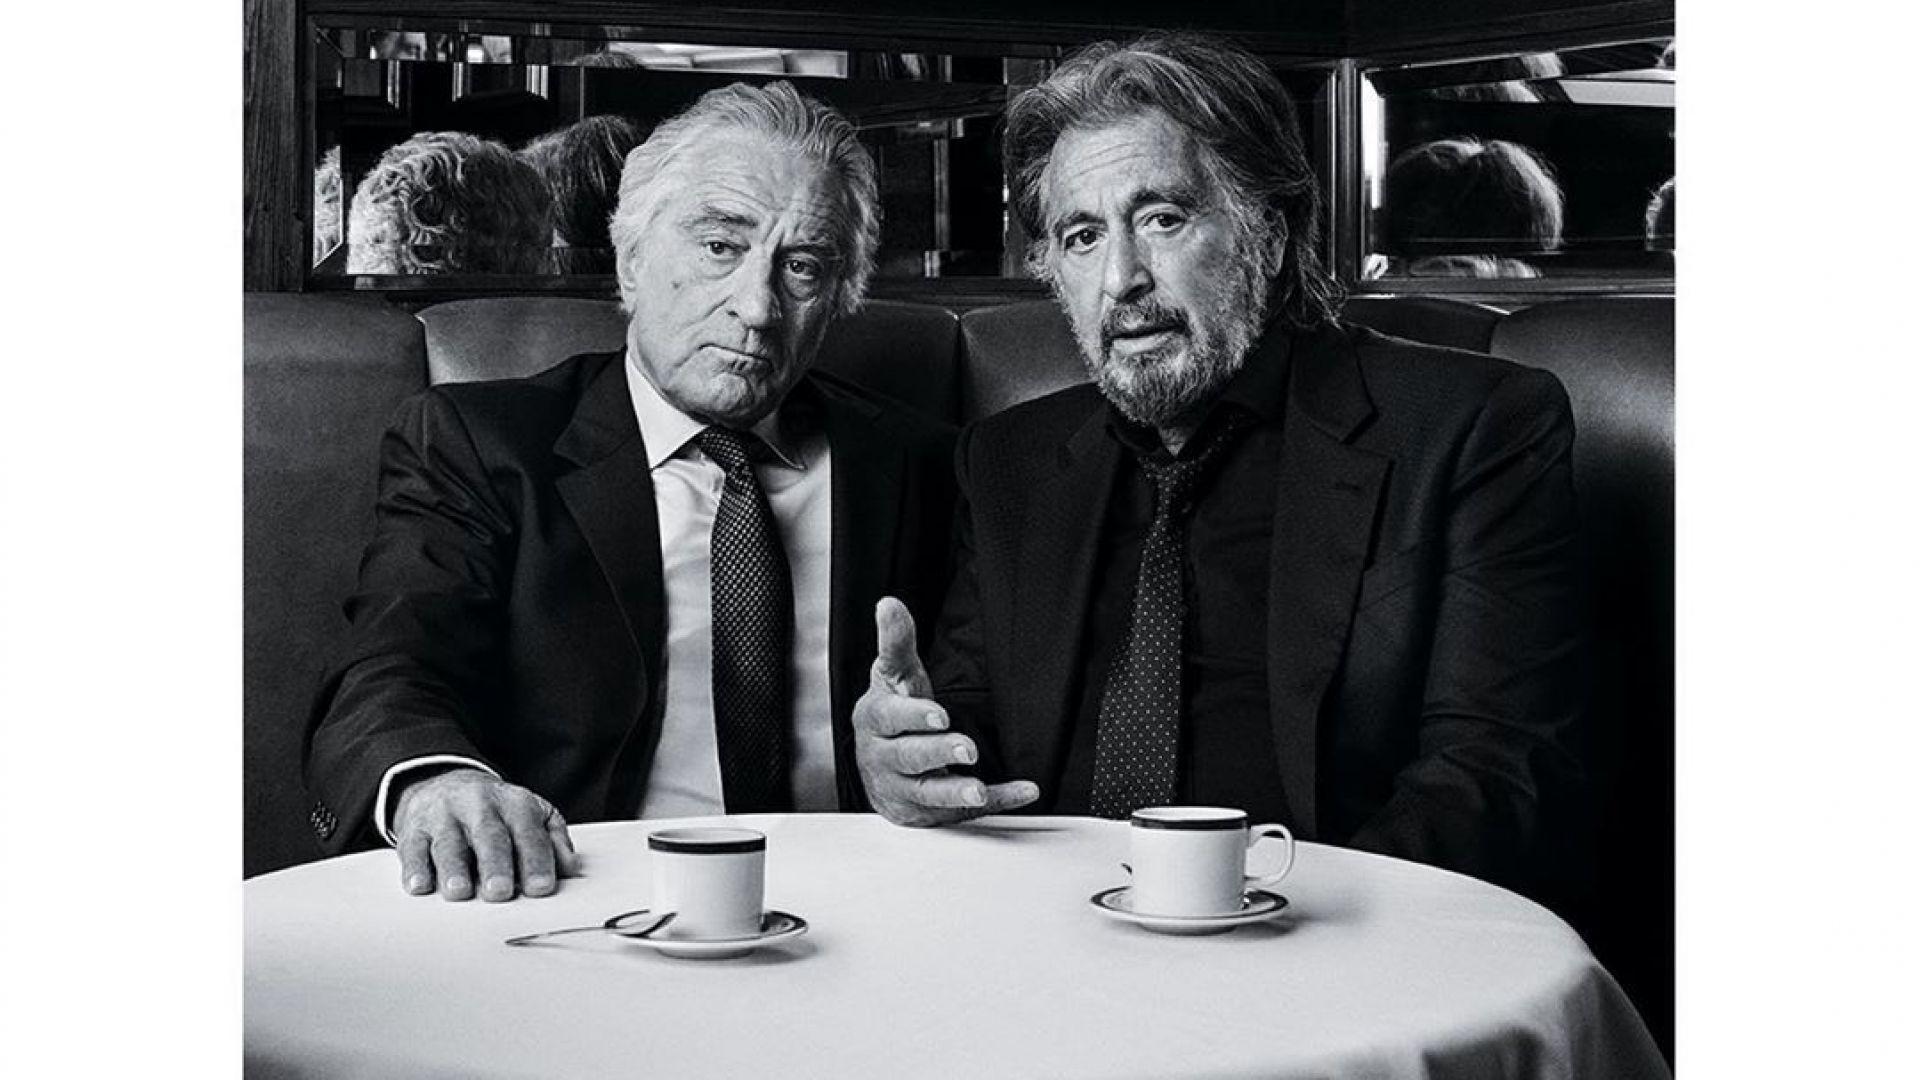 Ал Пачино и Робърт де Ниро се събраха в бара на Ралф Лорън